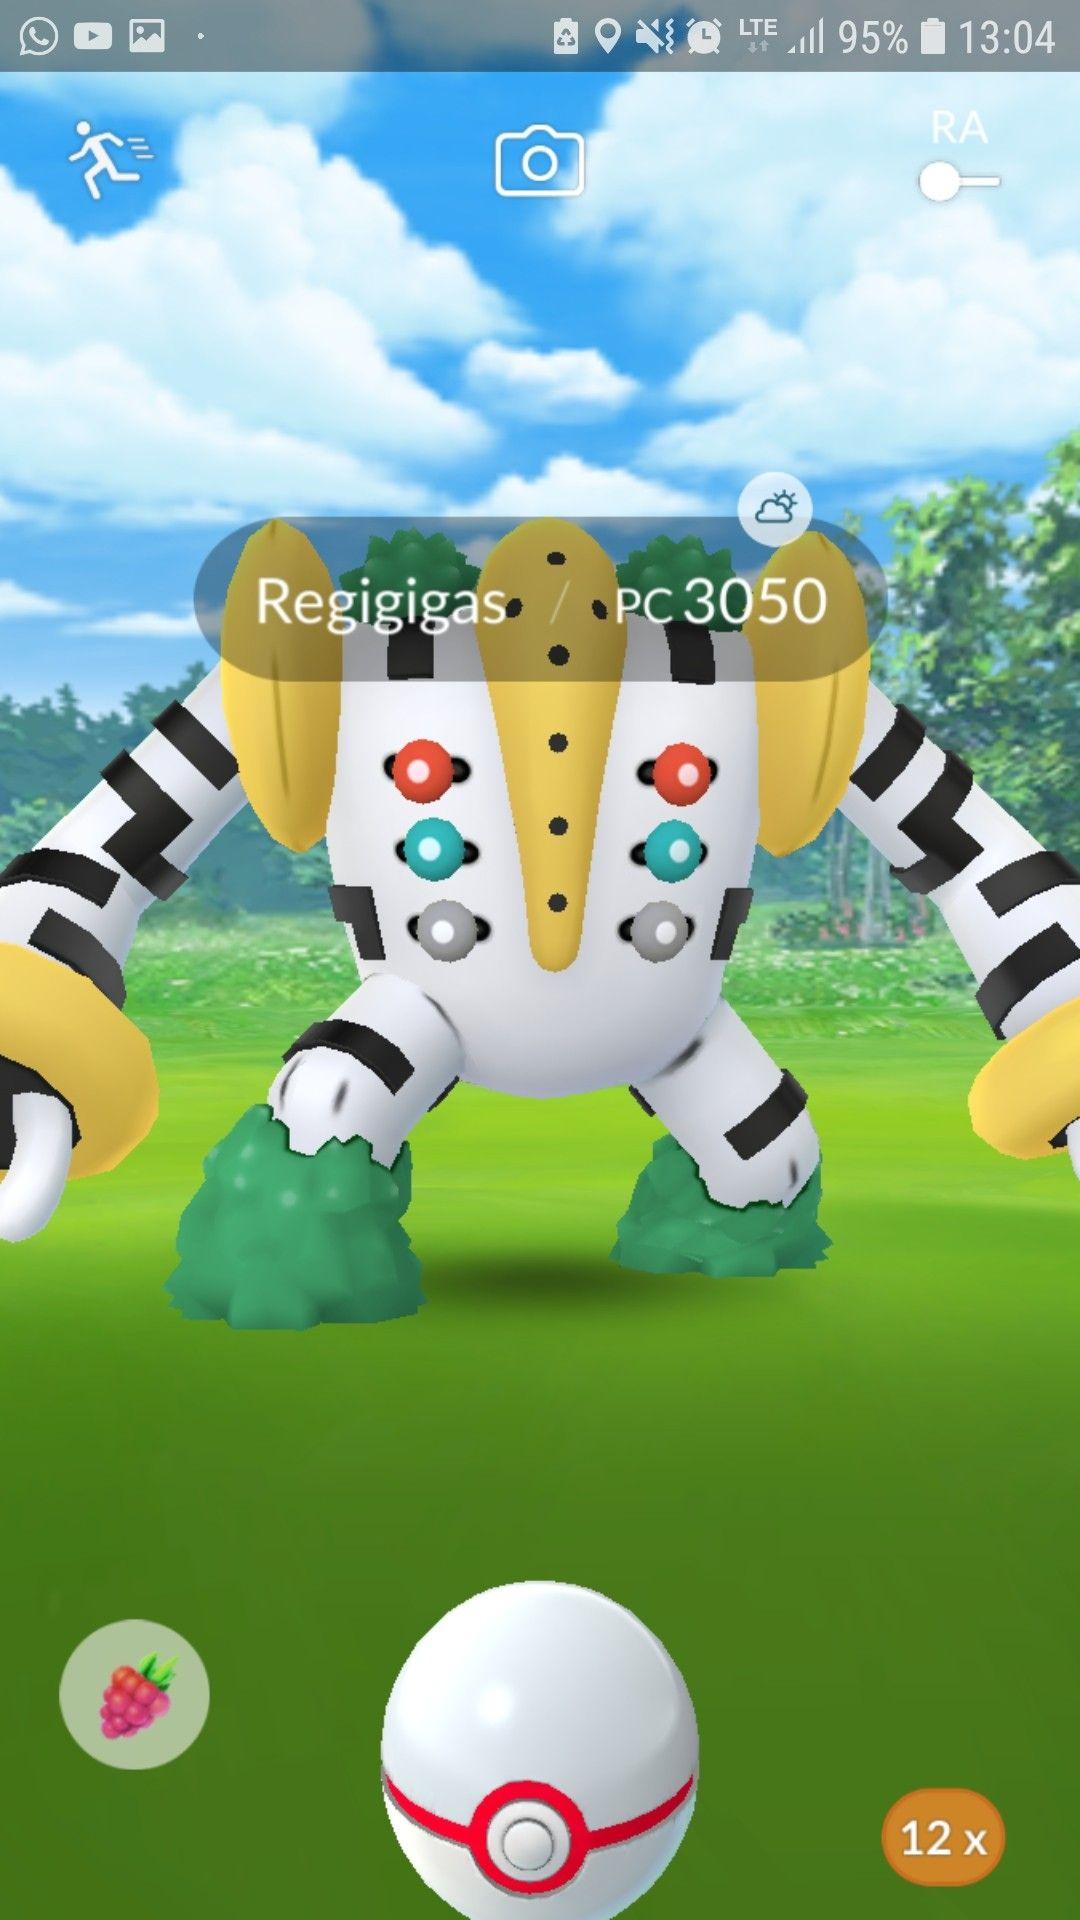 Regigigas Pokemon Go Farglaggningssidor